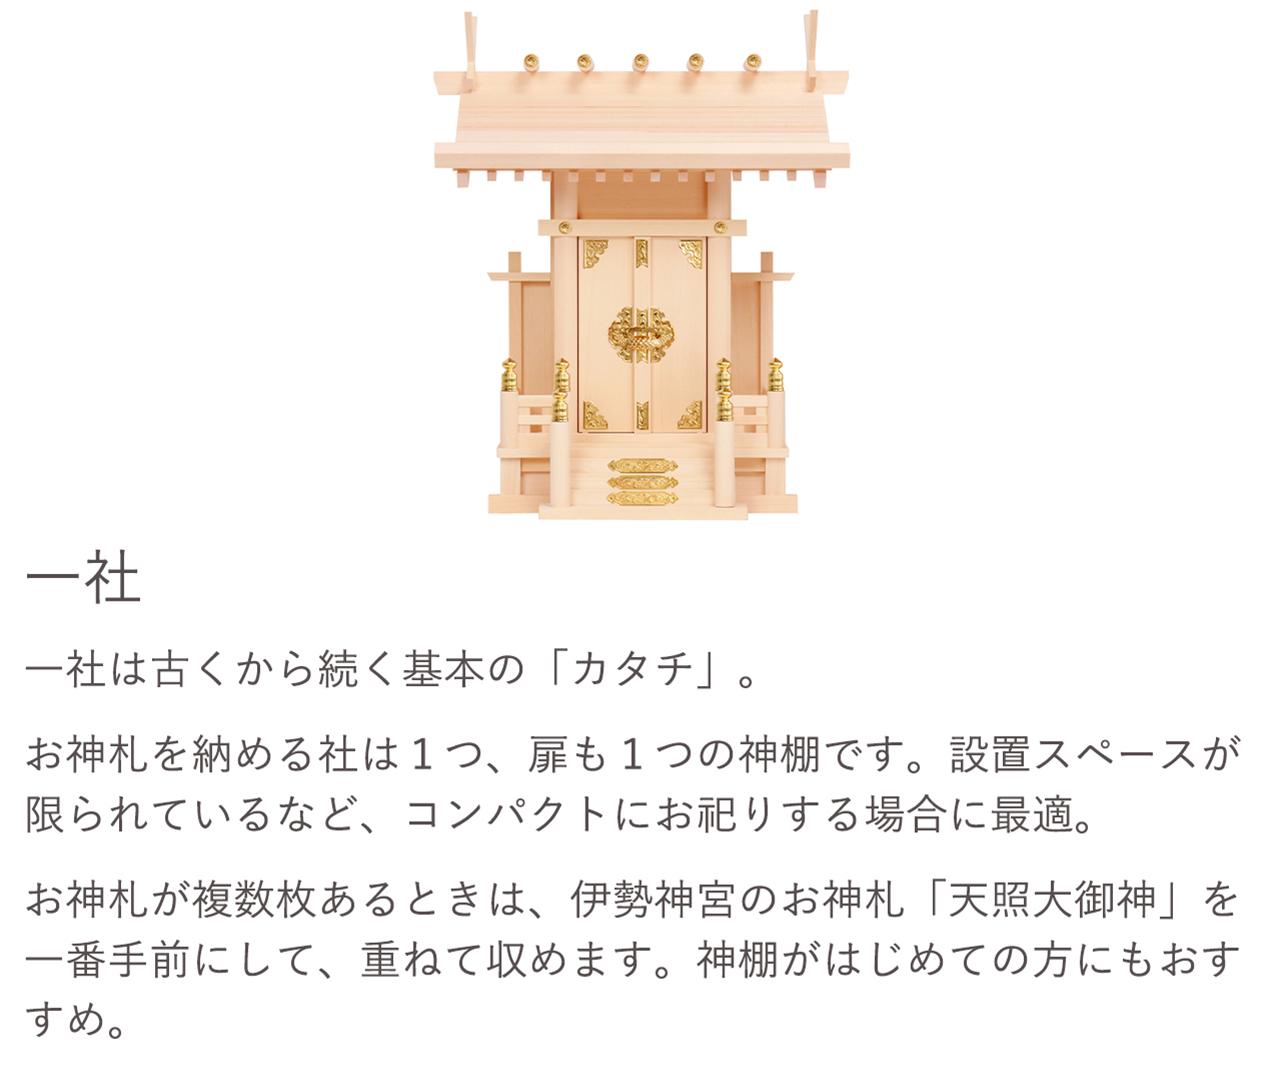 一社は古くから続く基本の「カタチ」。お神札を納める社は1つ、扉も1つの神棚です。設置スペースが限られているなど、コンパクトにお祀りする場合に最適です。お神札が複数枚ある場合は、伊勢神宮のお神札「天照大御神」を一番手前にして、重ねて収めます。神棚がはじめての方にもおすすめ。